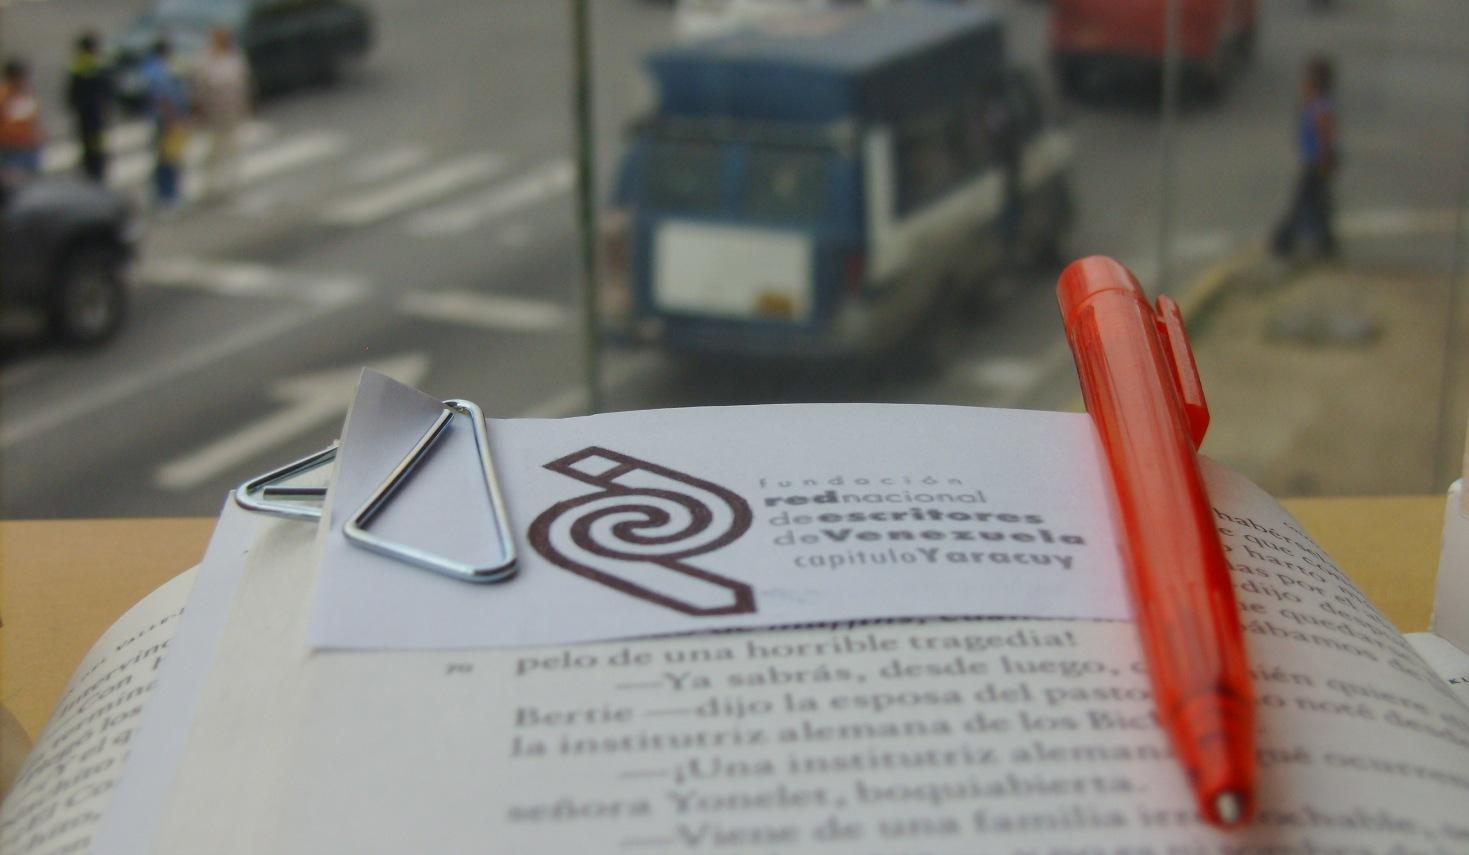 Red Nacional de Escritores Capítulo Yaracuy